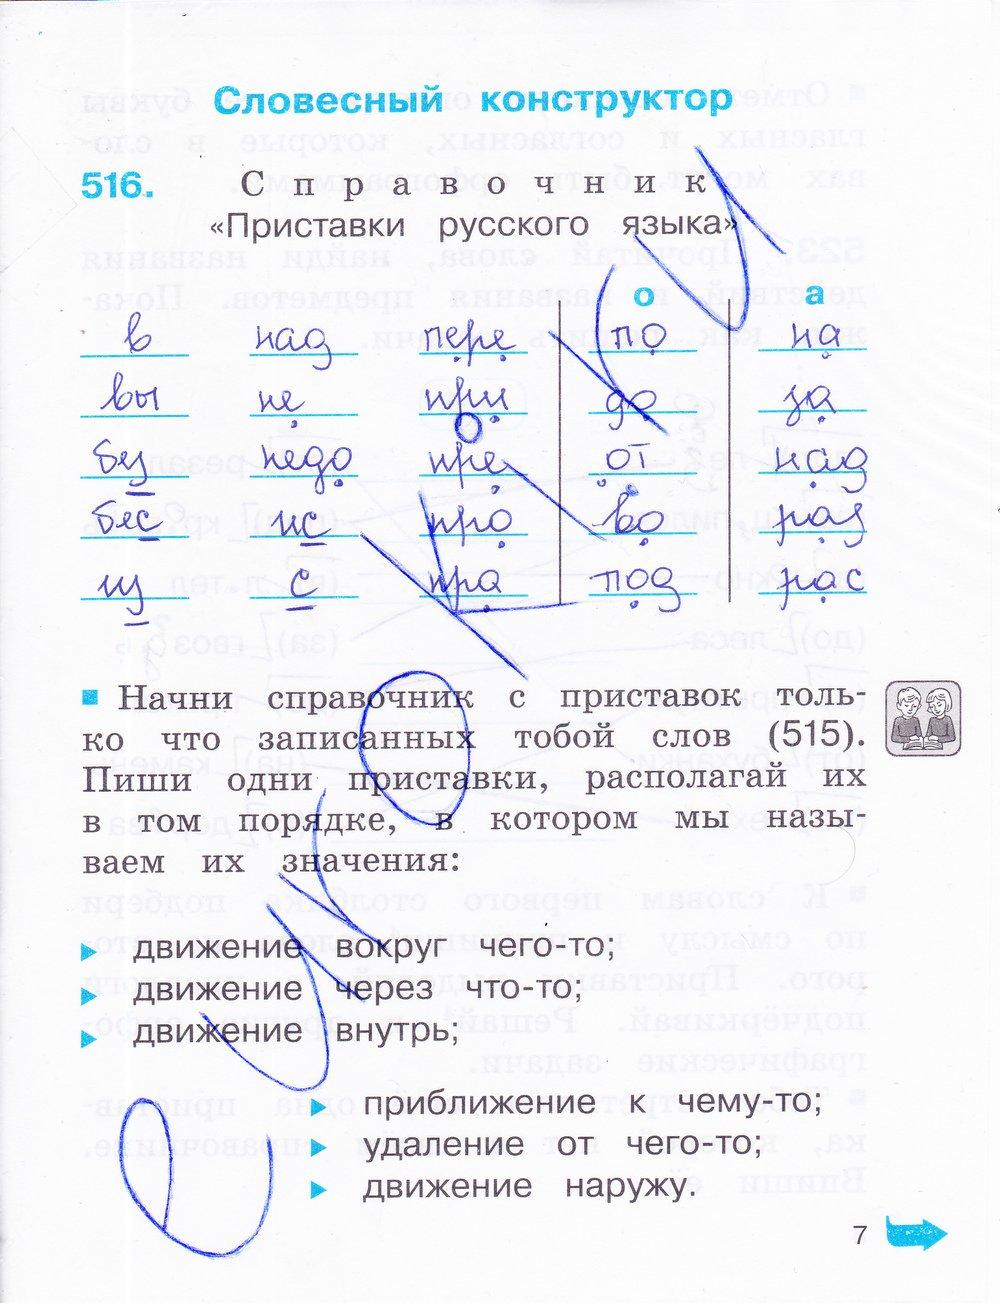 Решебник по русскому языку 4 класс соловейчик кузьменко гармония